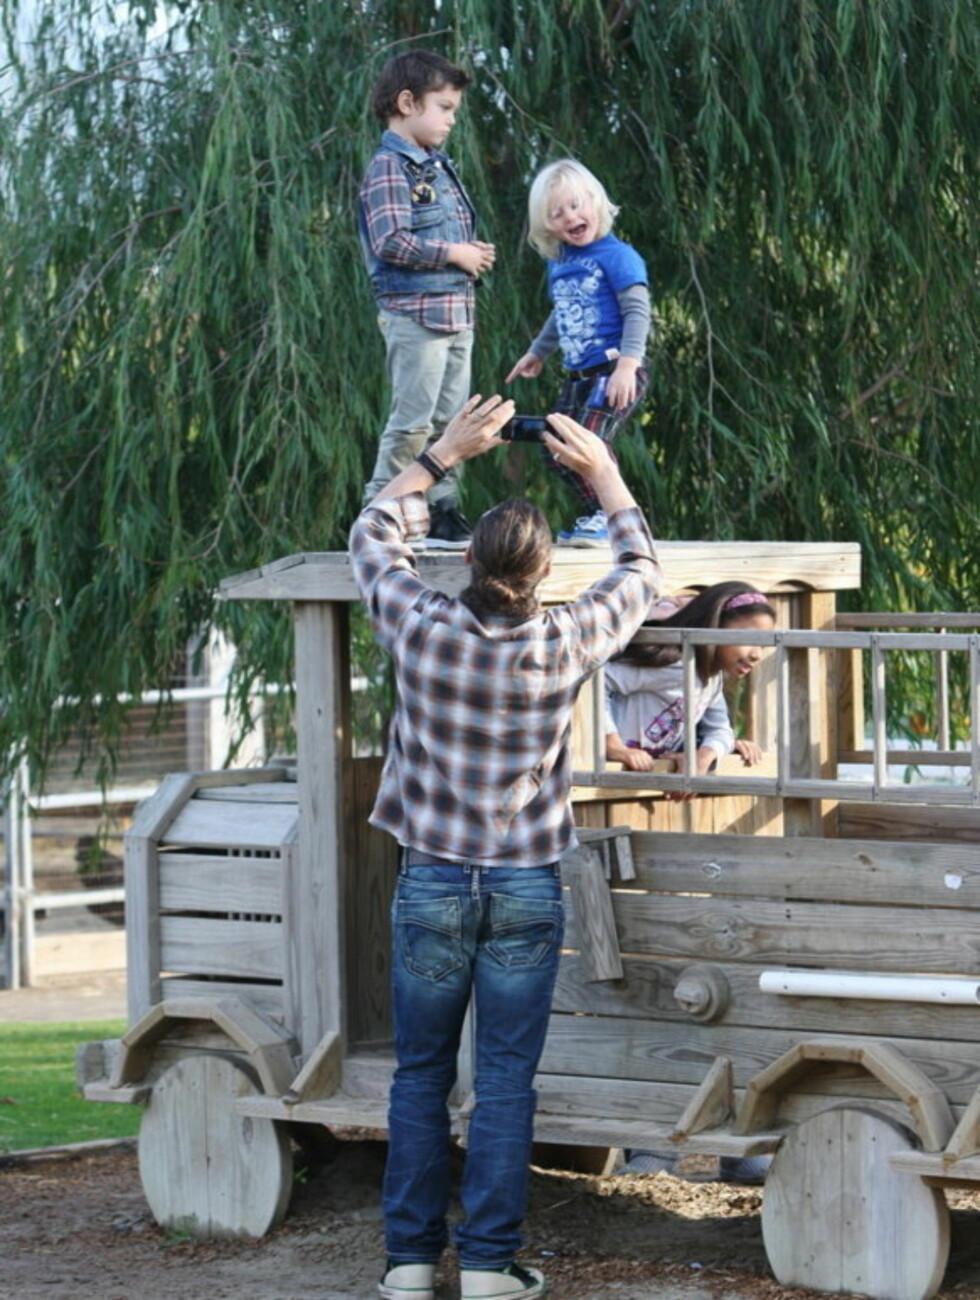 PÅ KLATRETUR: De to guttene syntes det var gøy å være høyere enn pappa Gavin. Foto: Stella Pictures